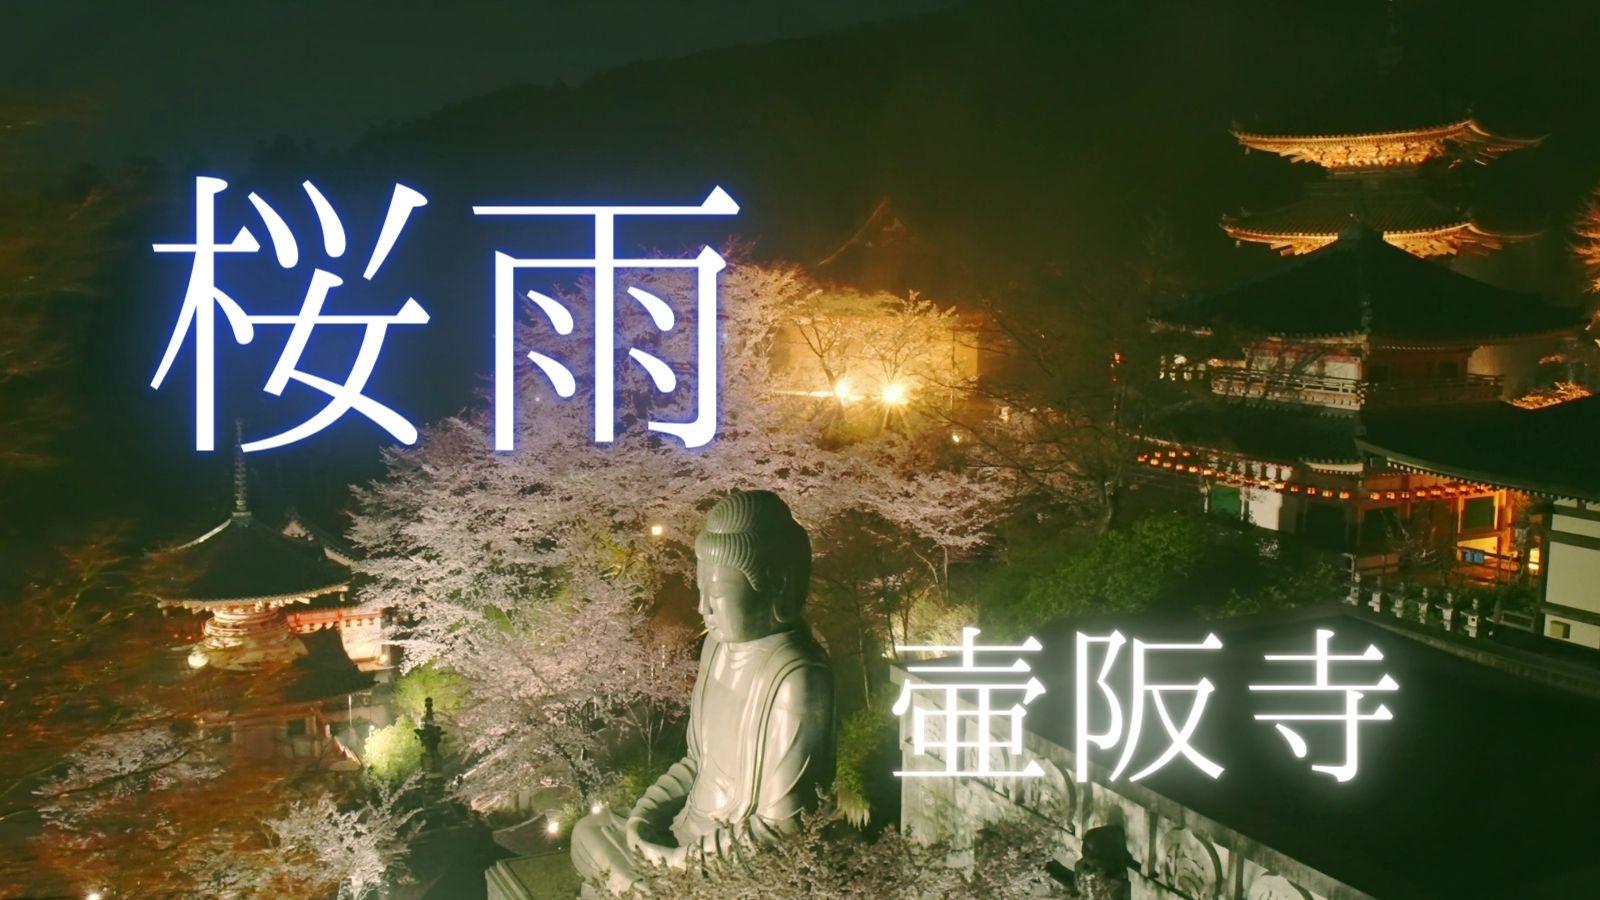 【動画】2021年雨と桜とライトアップの壷阪寺を動画撮影しました。(壺阪山 南法華寺)